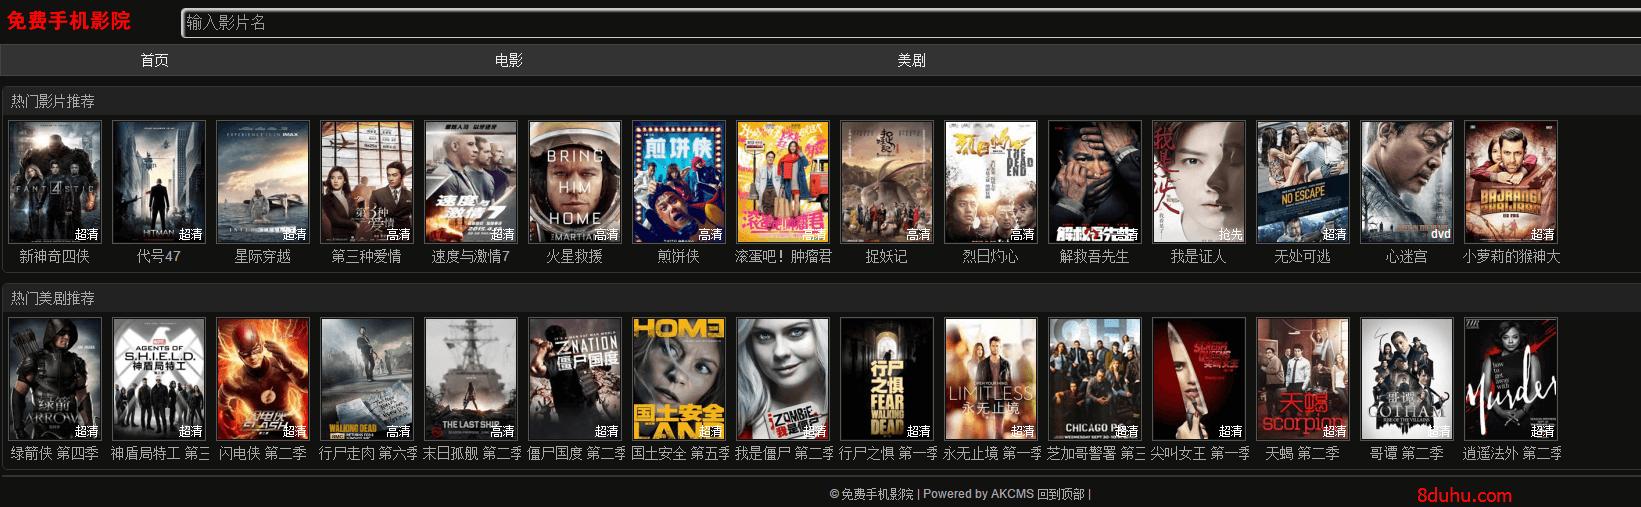 【福利】手机看电影、美剧网站推荐,流畅无广告